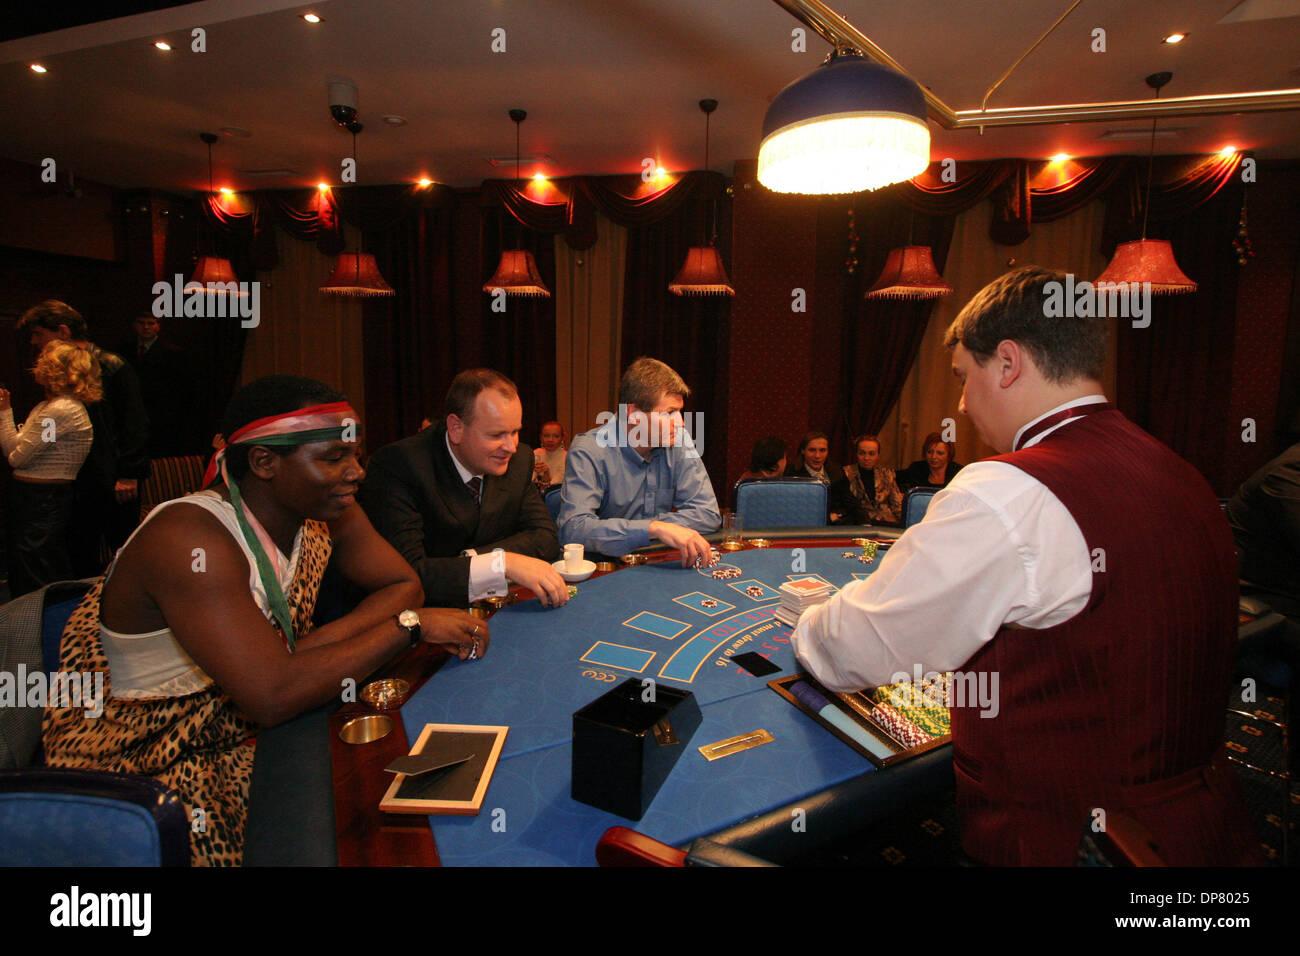 Zuma roulette william hill franchise uk